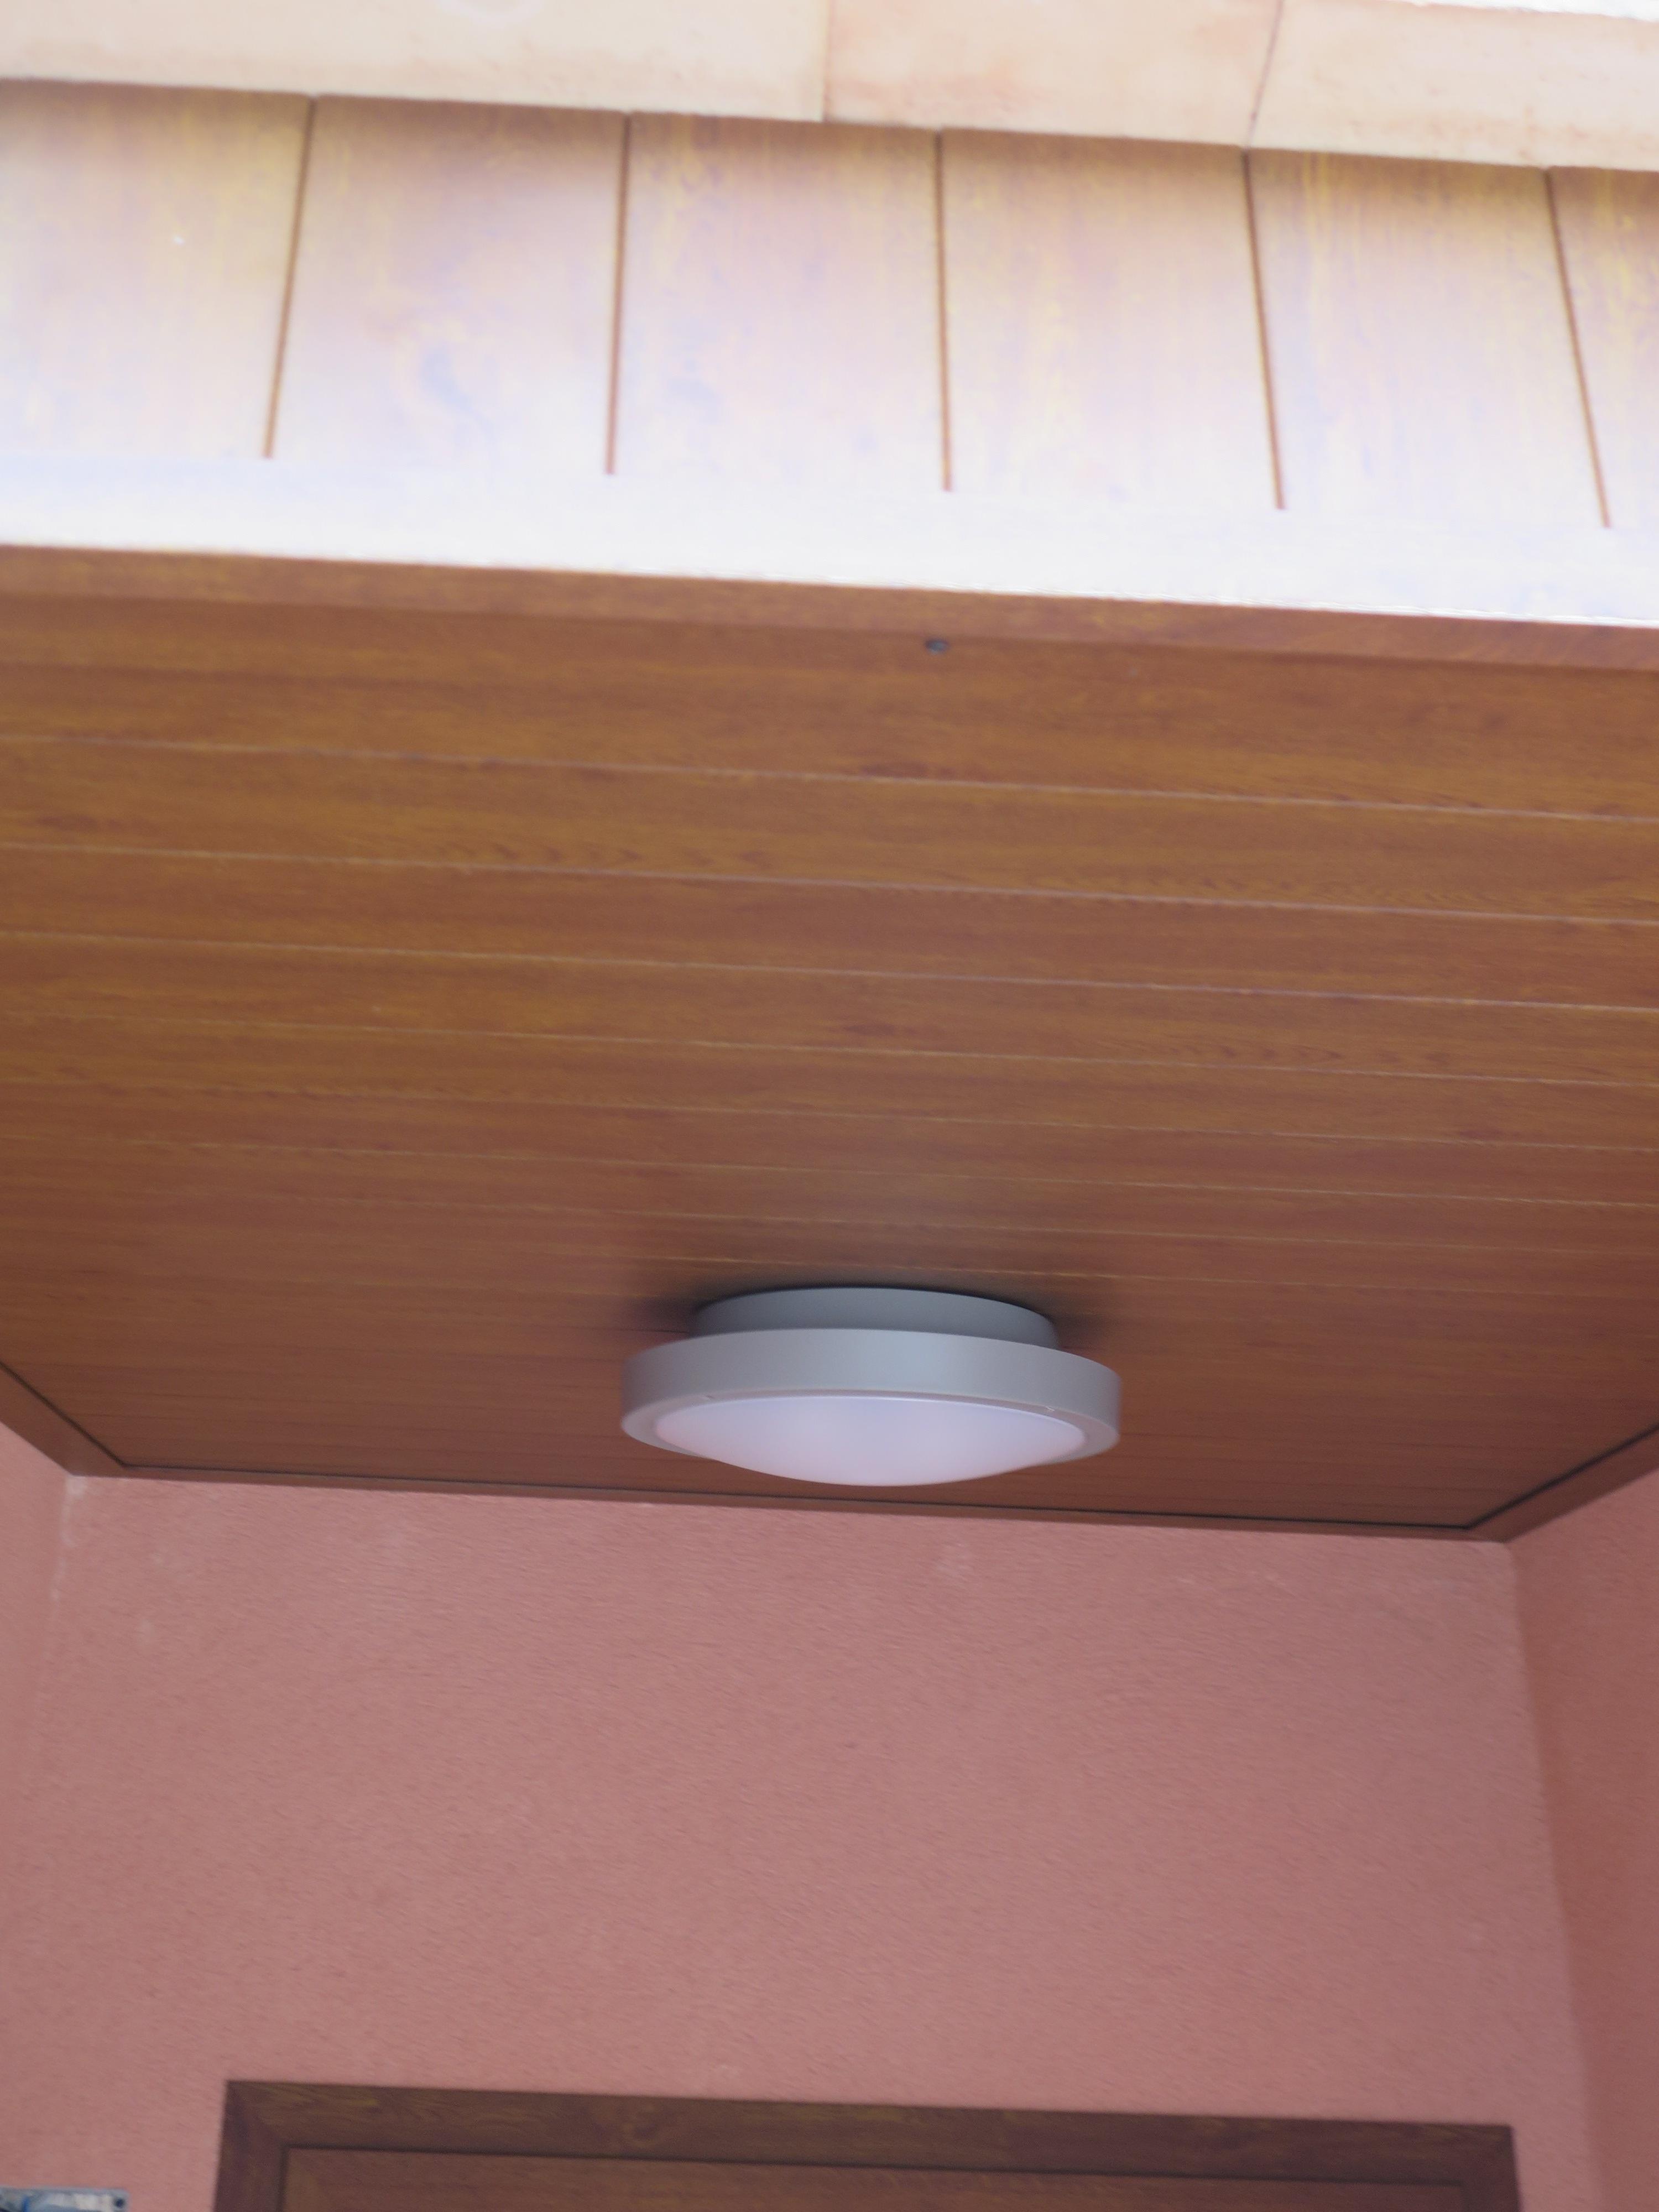 Falsos techos de aluminio simple honeycomb techos de - Falso techo aluminio ...